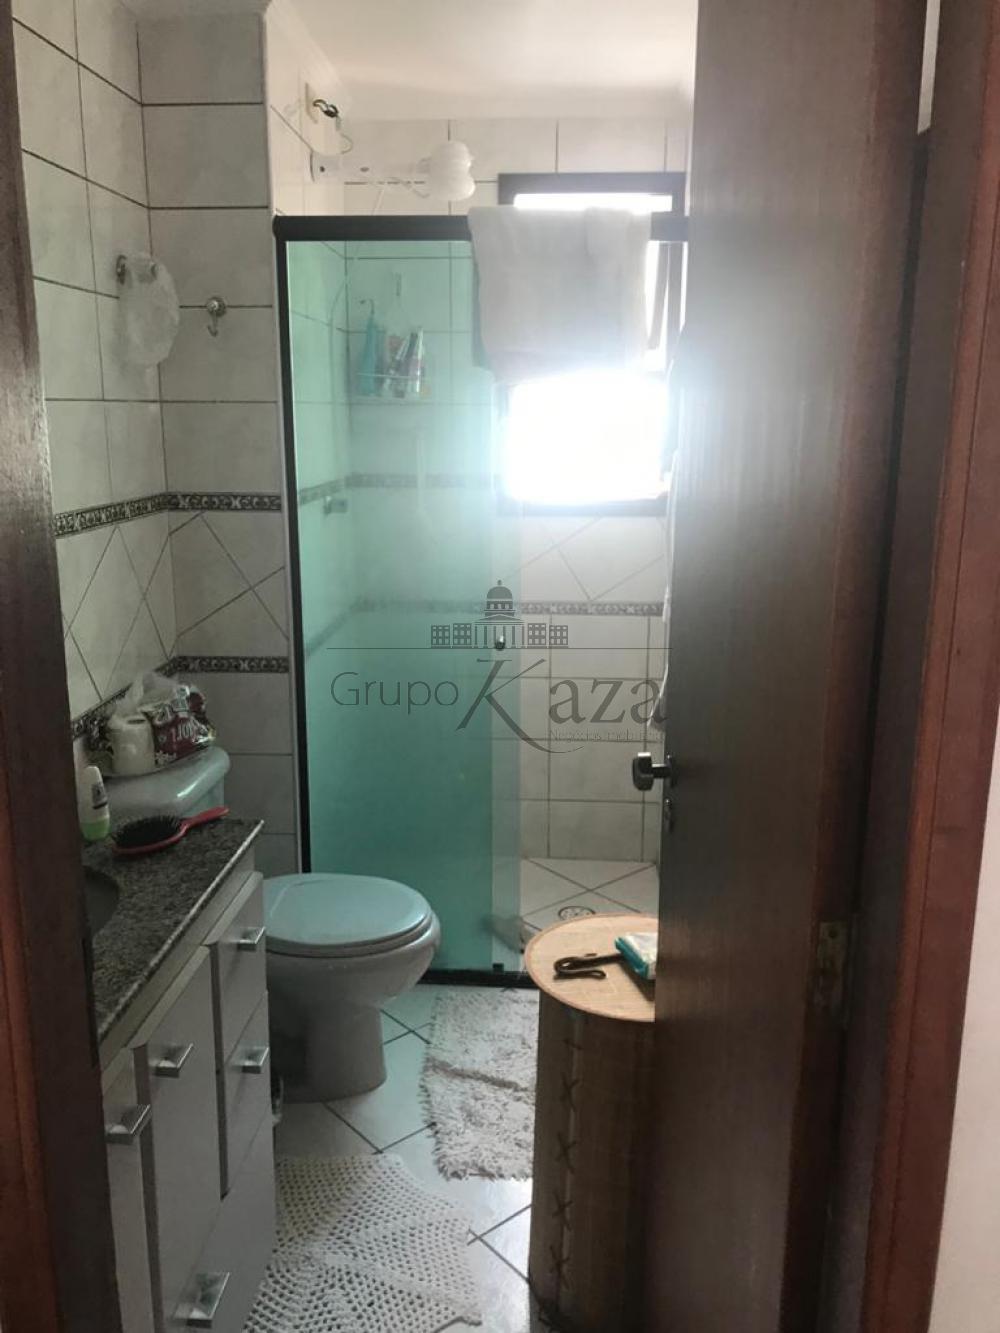 alt='Comprar Apartamento / Padrão em São José dos Campos R$ 595.000,00 - Foto 10' title='Comprar Apartamento / Padrão em São José dos Campos R$ 595.000,00 - Foto 10'